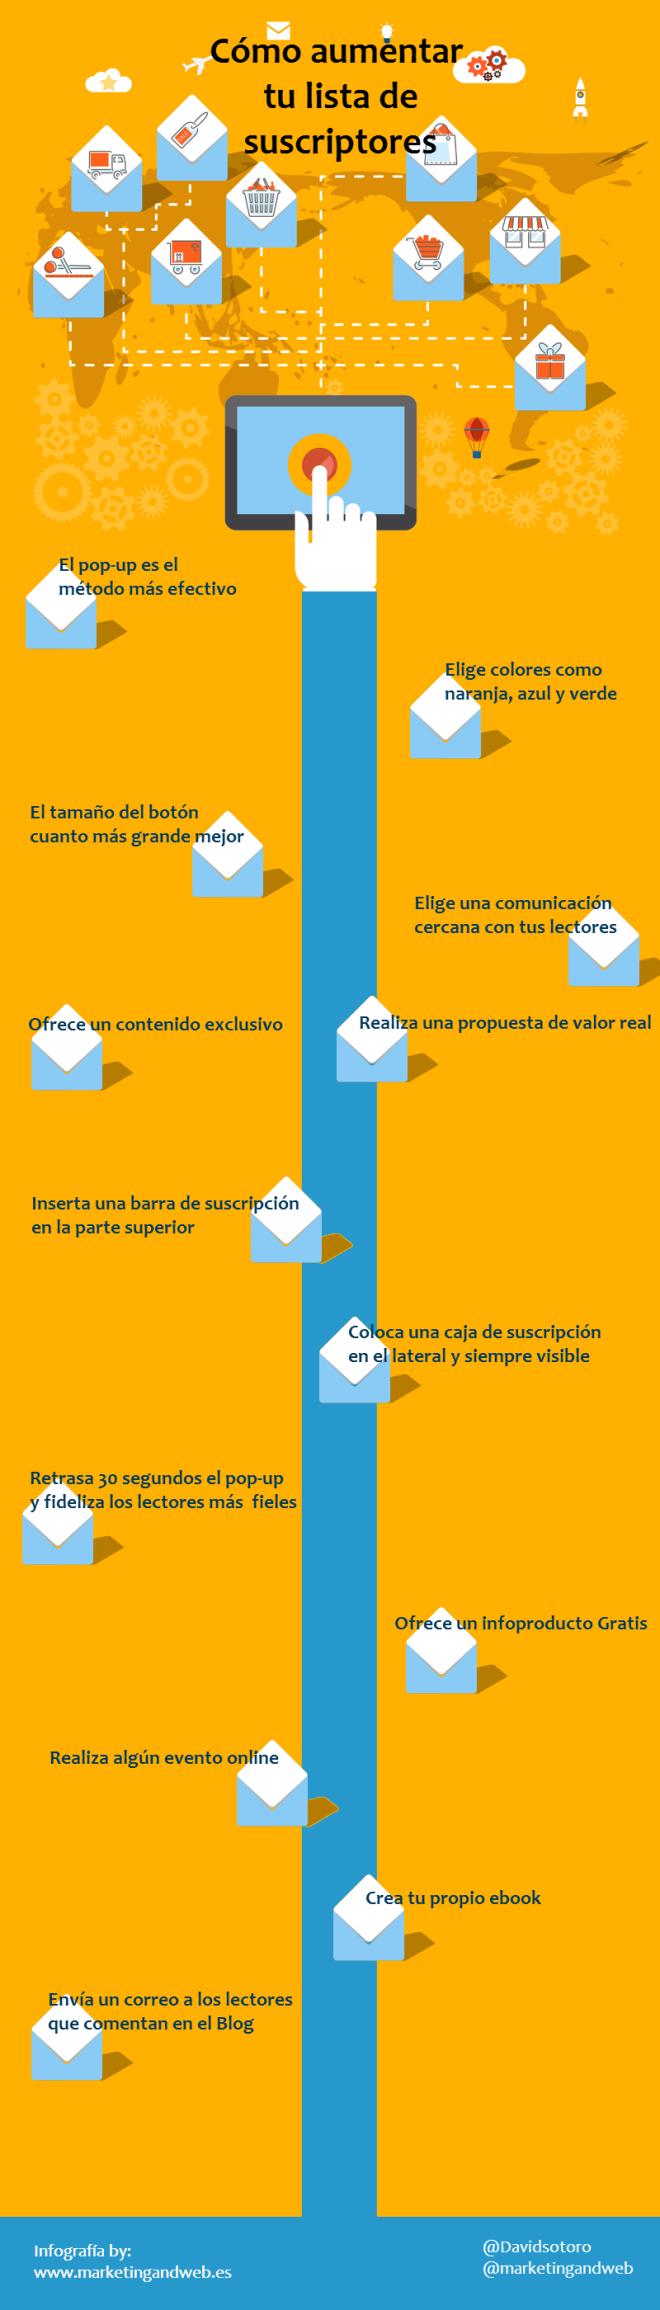 Cómo aumentar la lista de suscriptores a tu newsletter